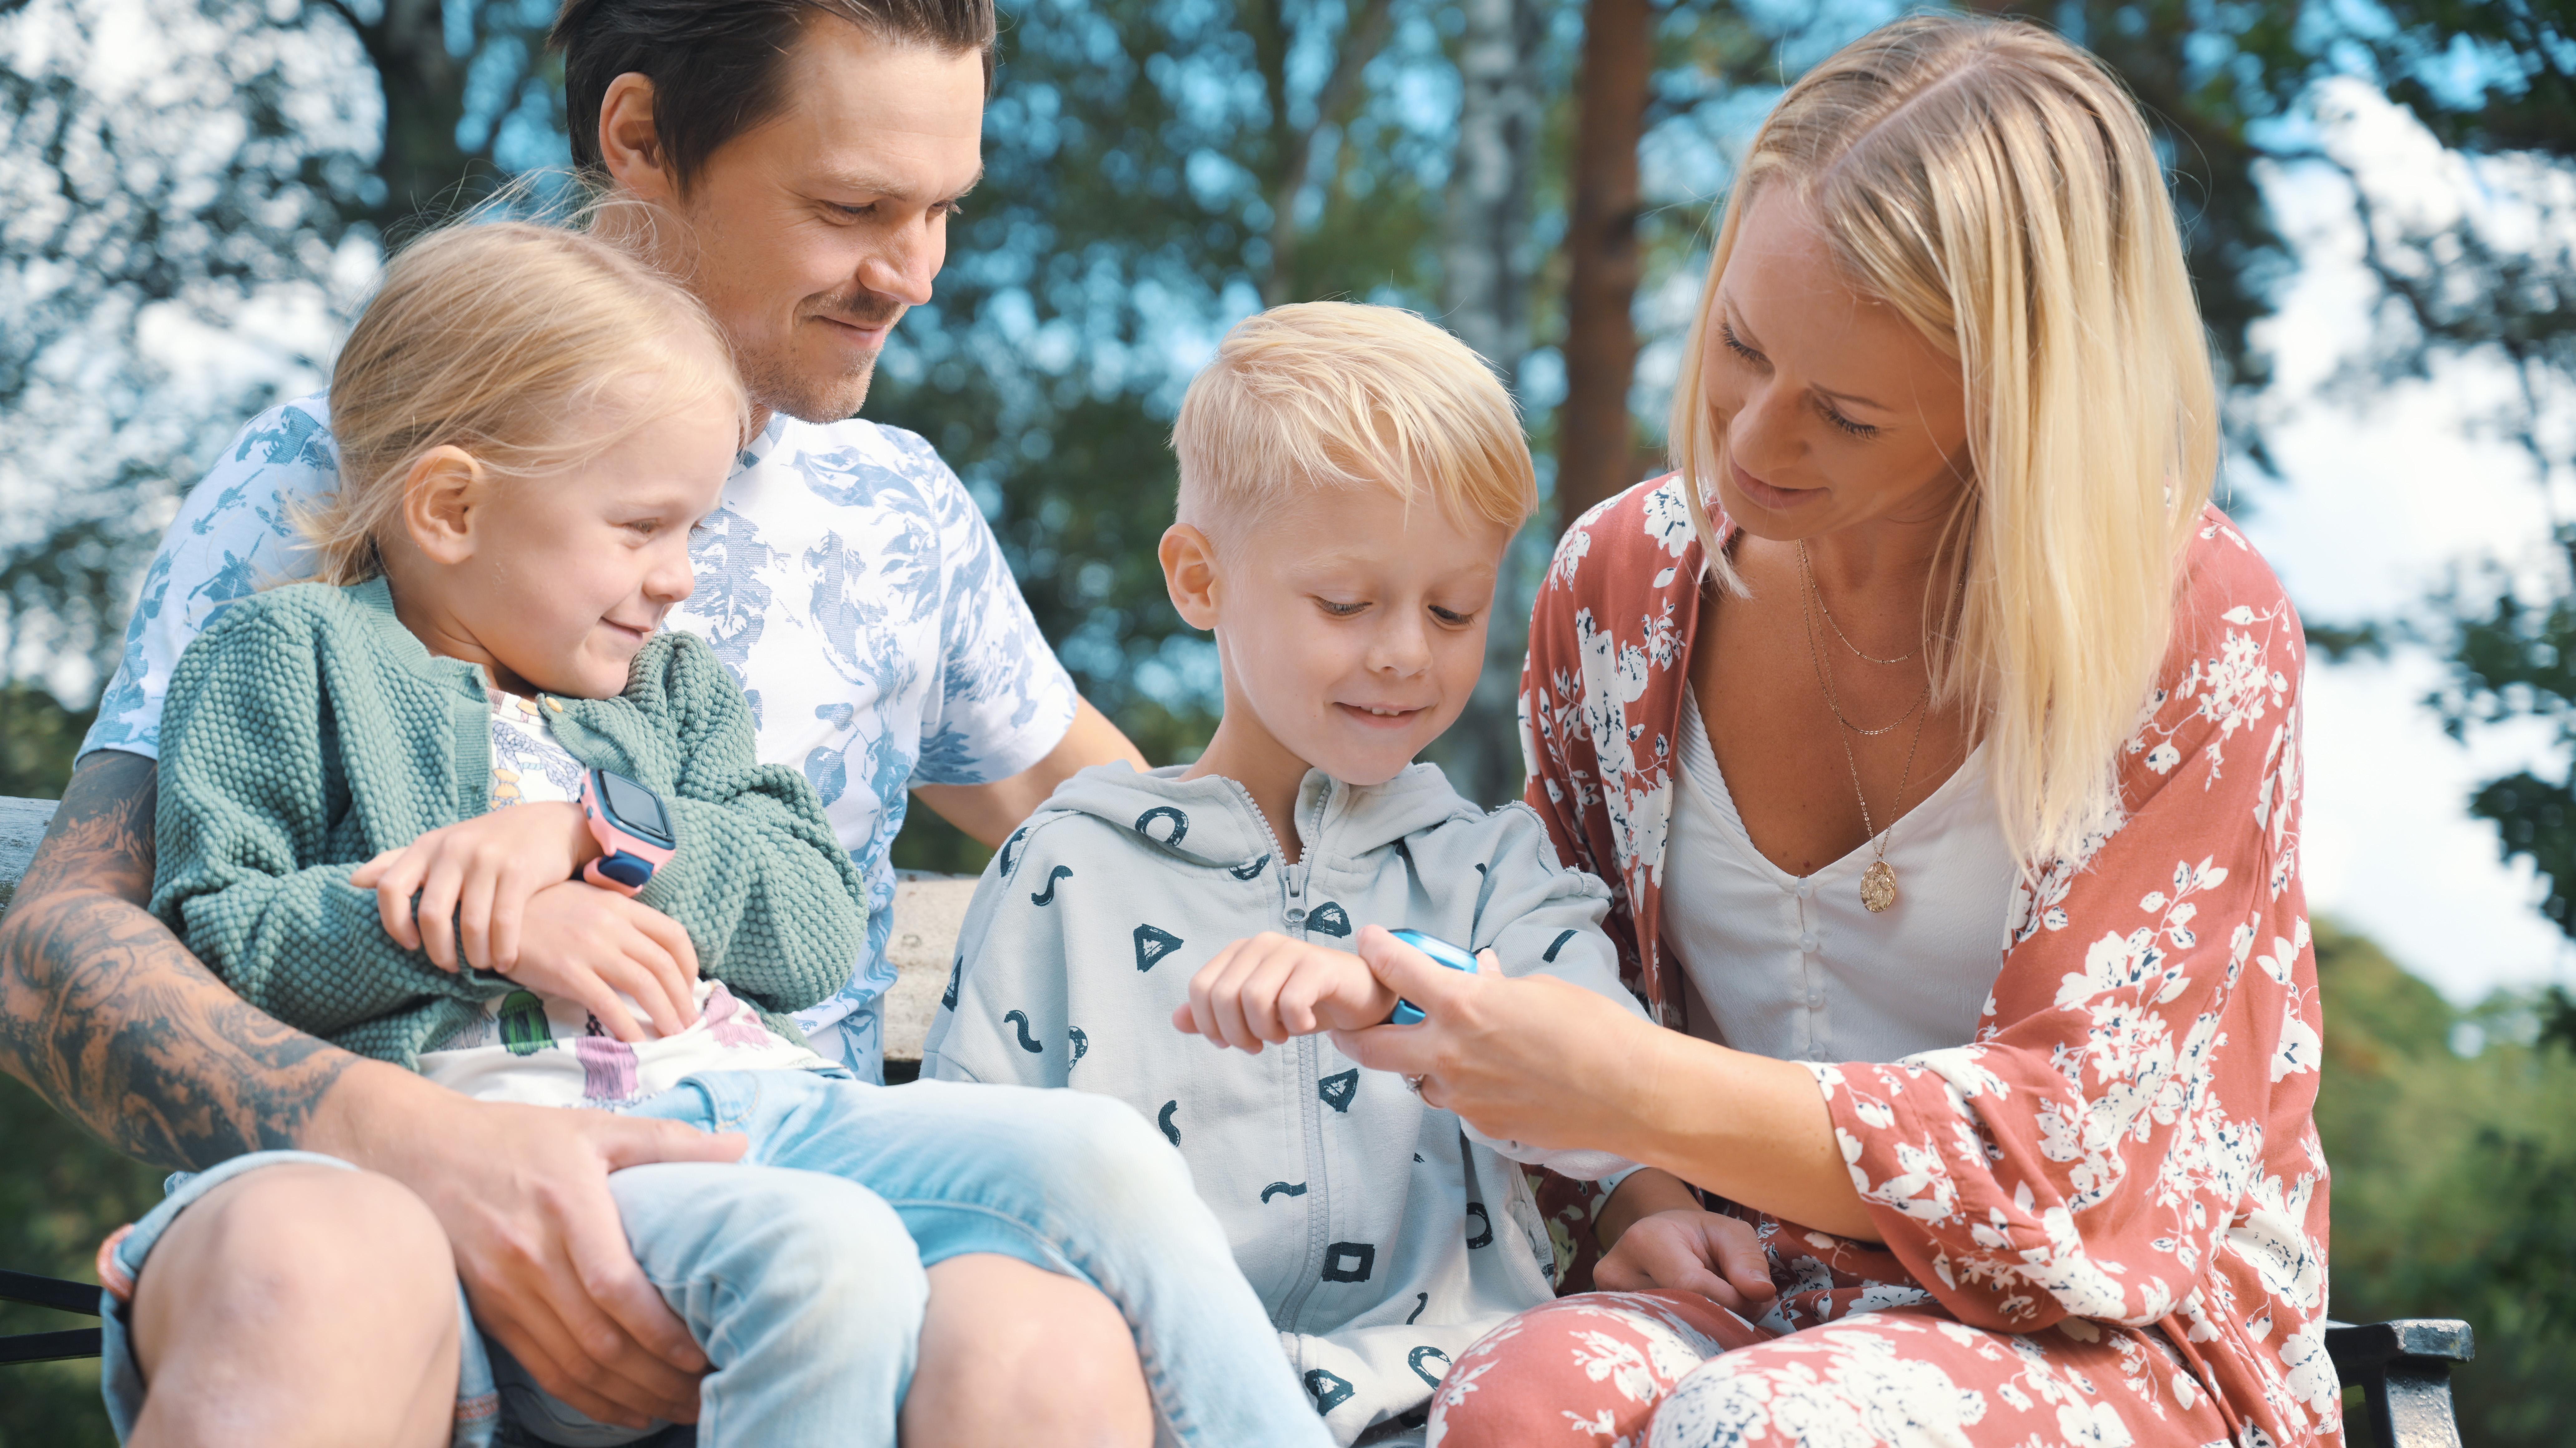 en familie på fire med to barn som har hver som xplora mobilklokke. Fra venstre er det en jente med rosa klokke, en far, en blond gutt med blå klokke og en mor helt til høyre.